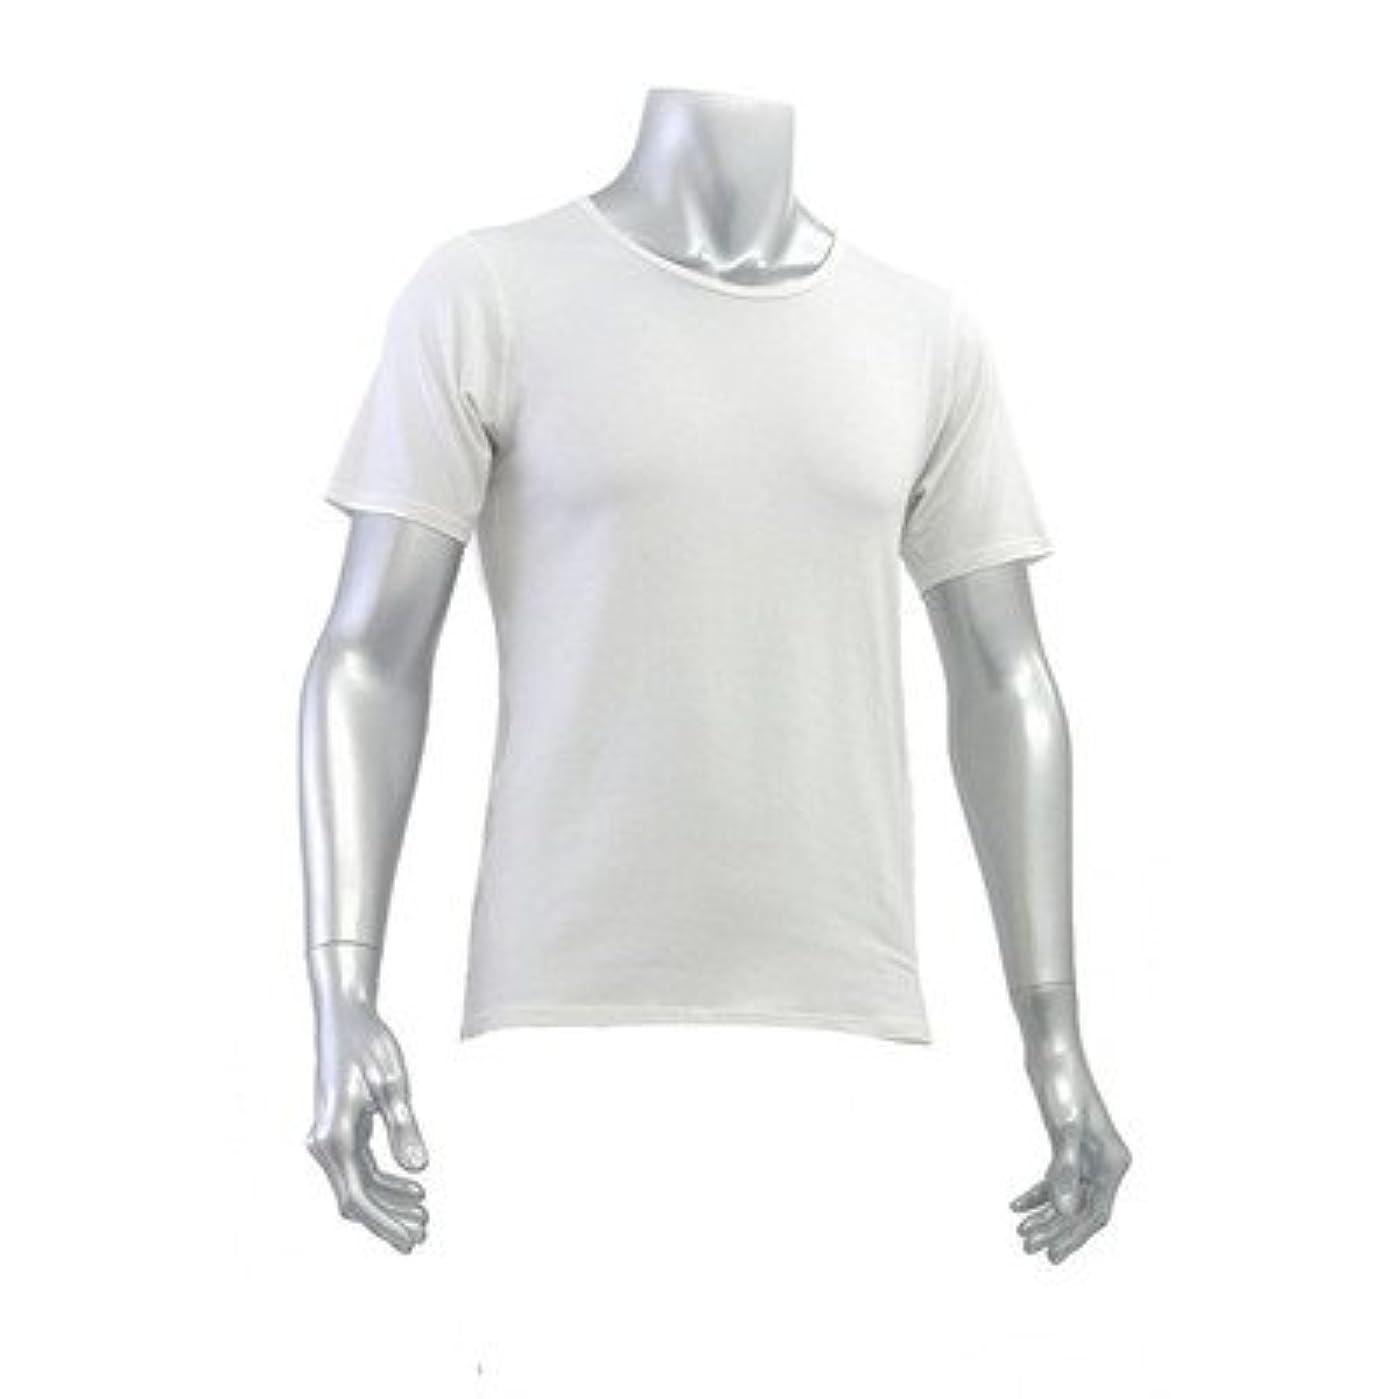 懐疑論じゃない理解メンズコンフォータブル半袖Tシャツ白LL【3個セット】